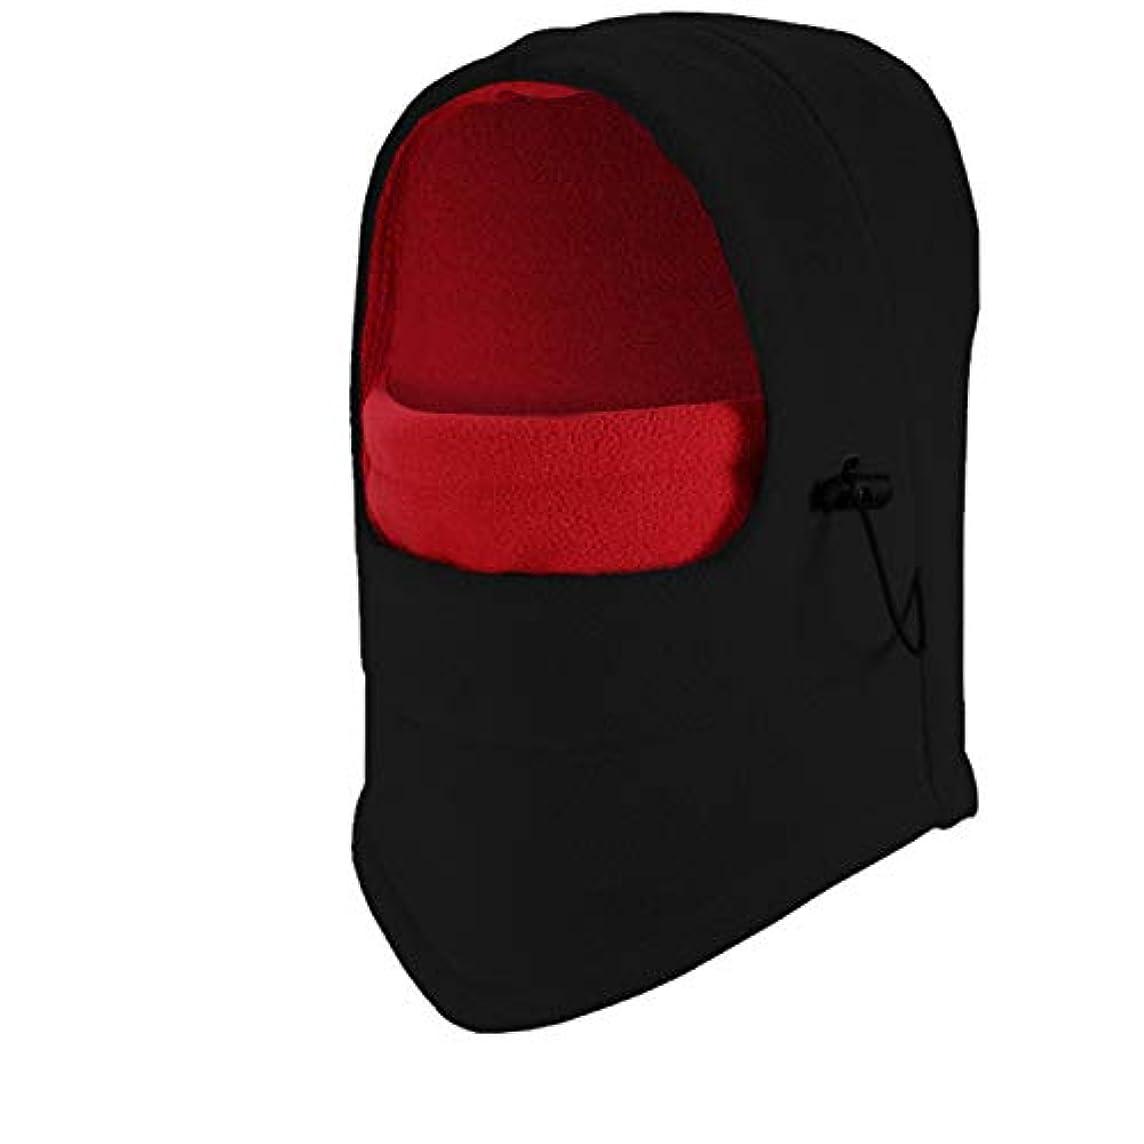 追加動的呼吸コールドマスク冬のウォームヘッドギアキャップフルフェイスフードオートバイ電気自動車防風冷たい男性マスク顔機器ライディング仮面,黒